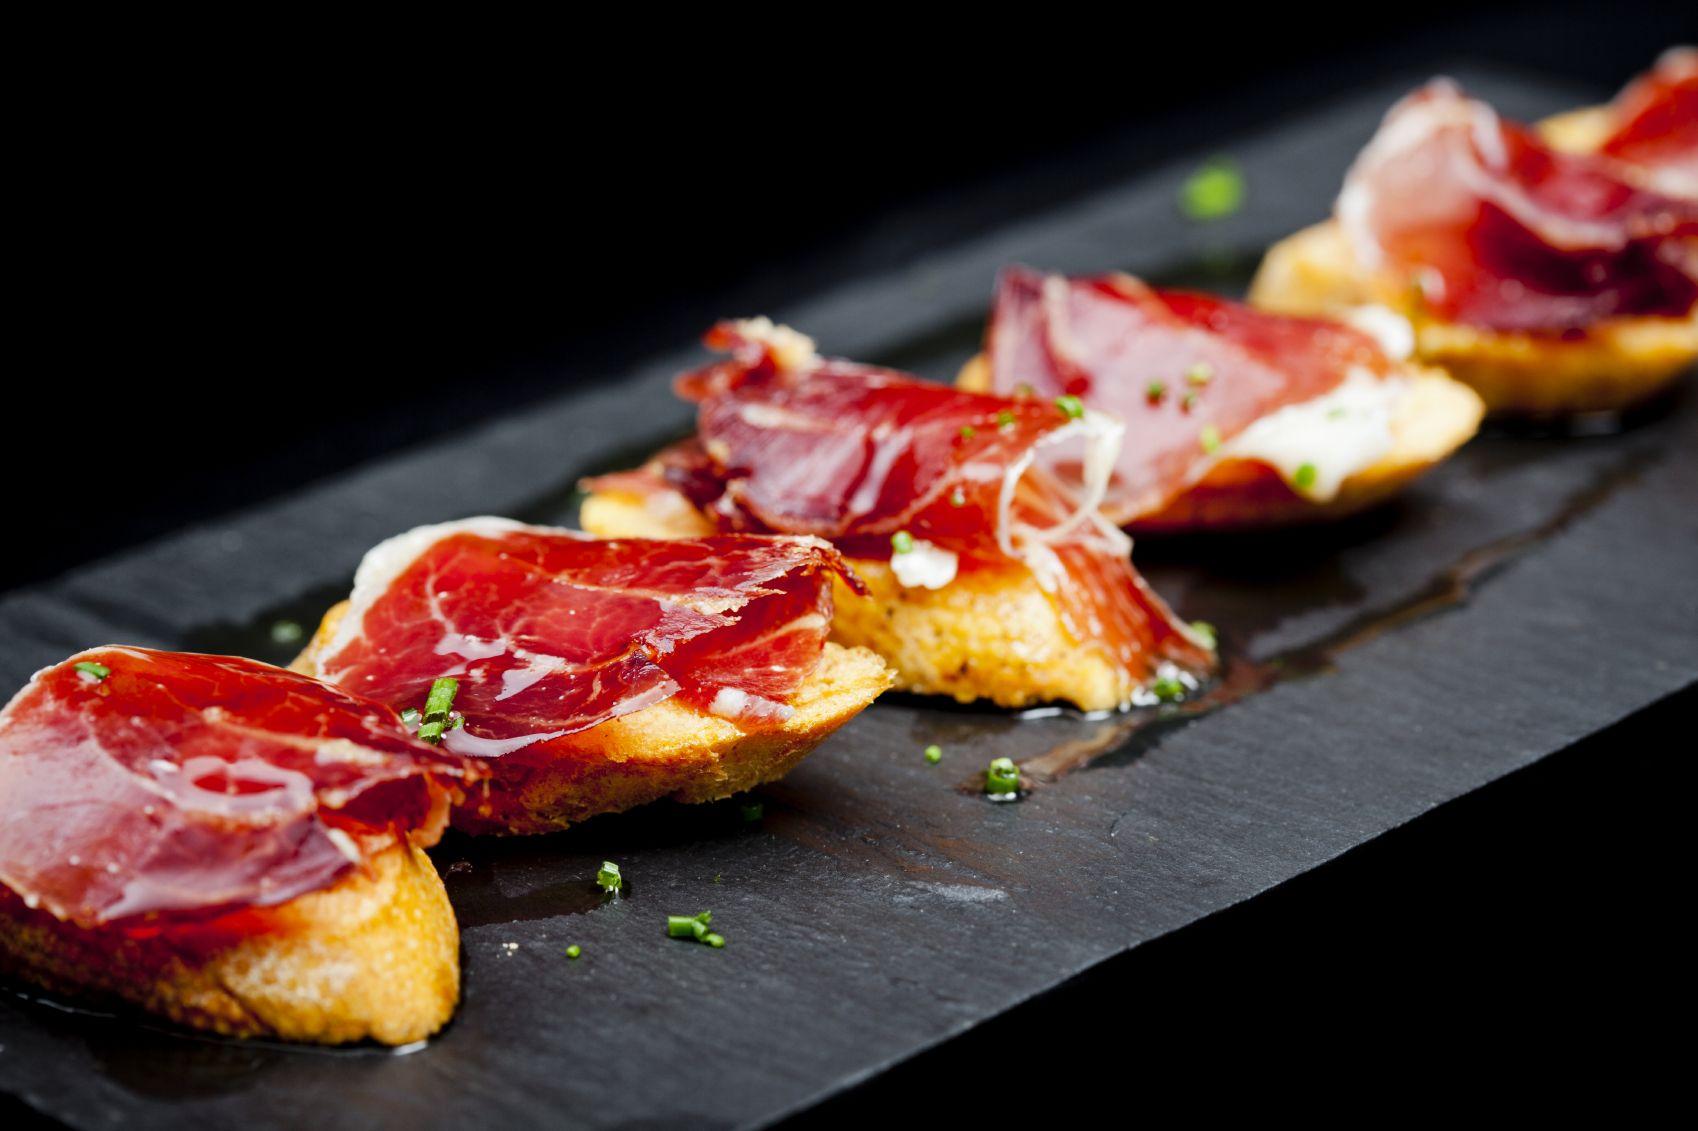 Tenemos Muchos Tipos De Jamones Cual Es Tu Preferido Gastronomia Tapas Comida Etnica